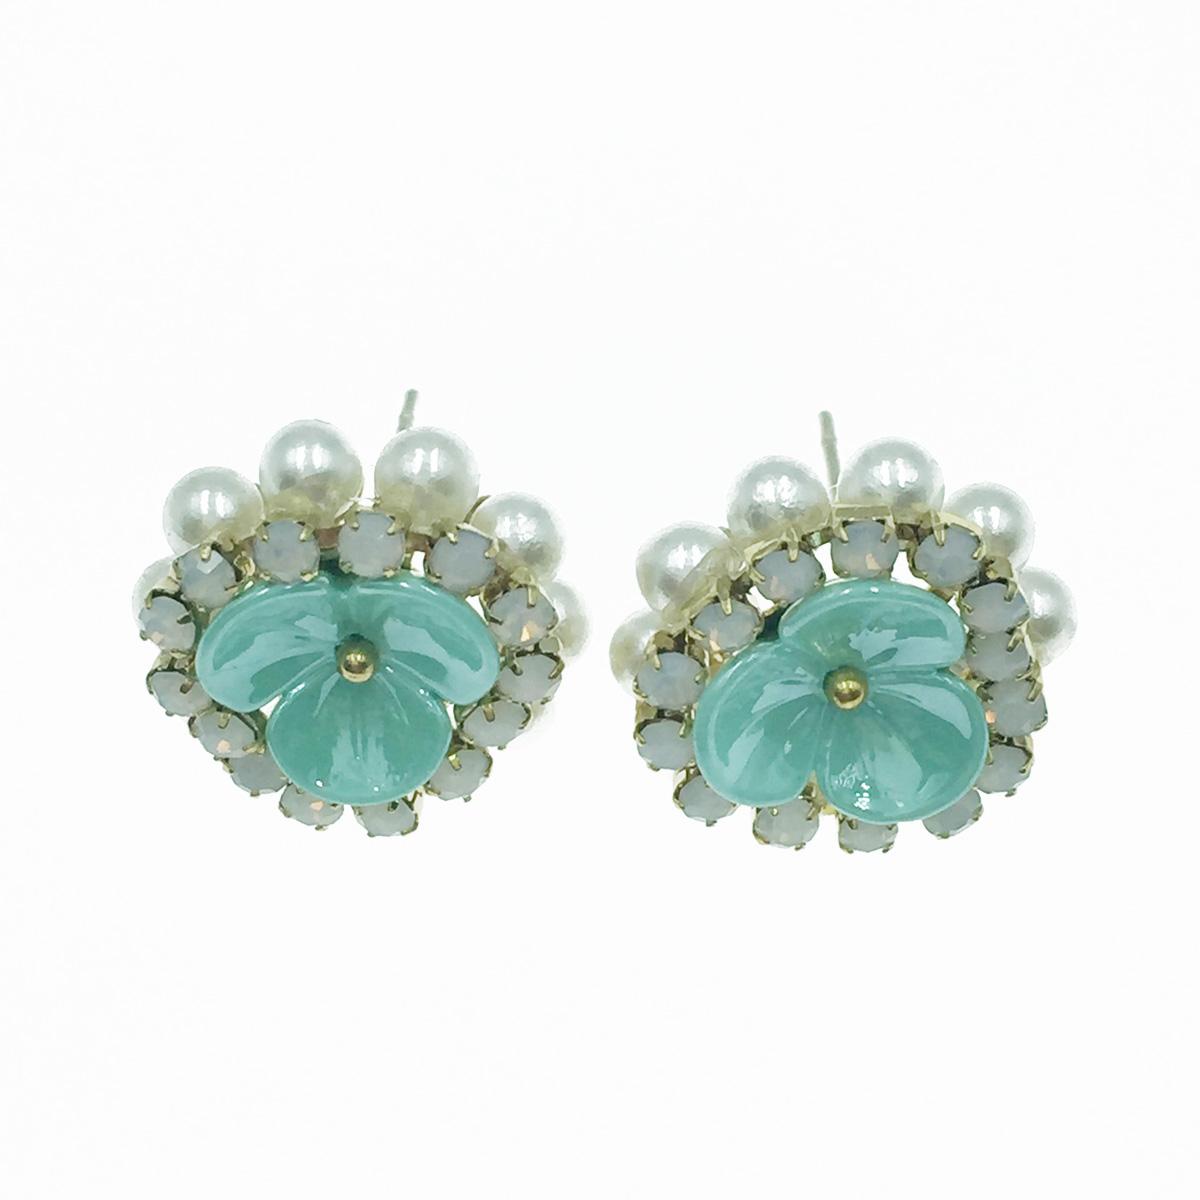 韓國 925純銀 花 小金珠 珍珠 寶石 耳針式耳環